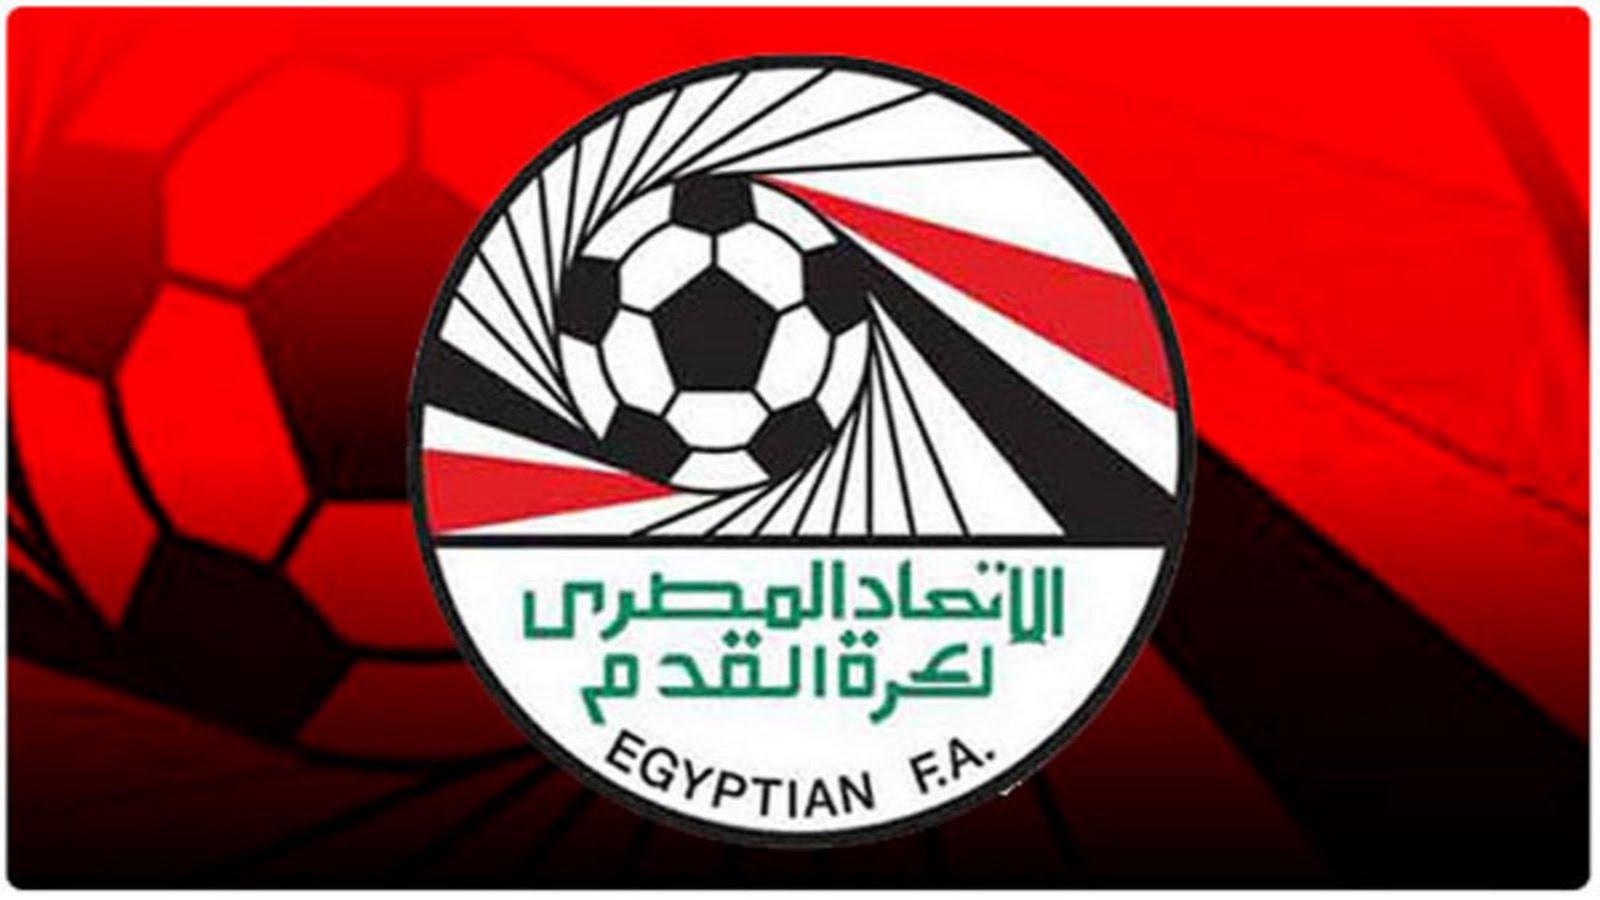 تردد القنوات الناقلة لمباريات الدوري المصري 2016/2017